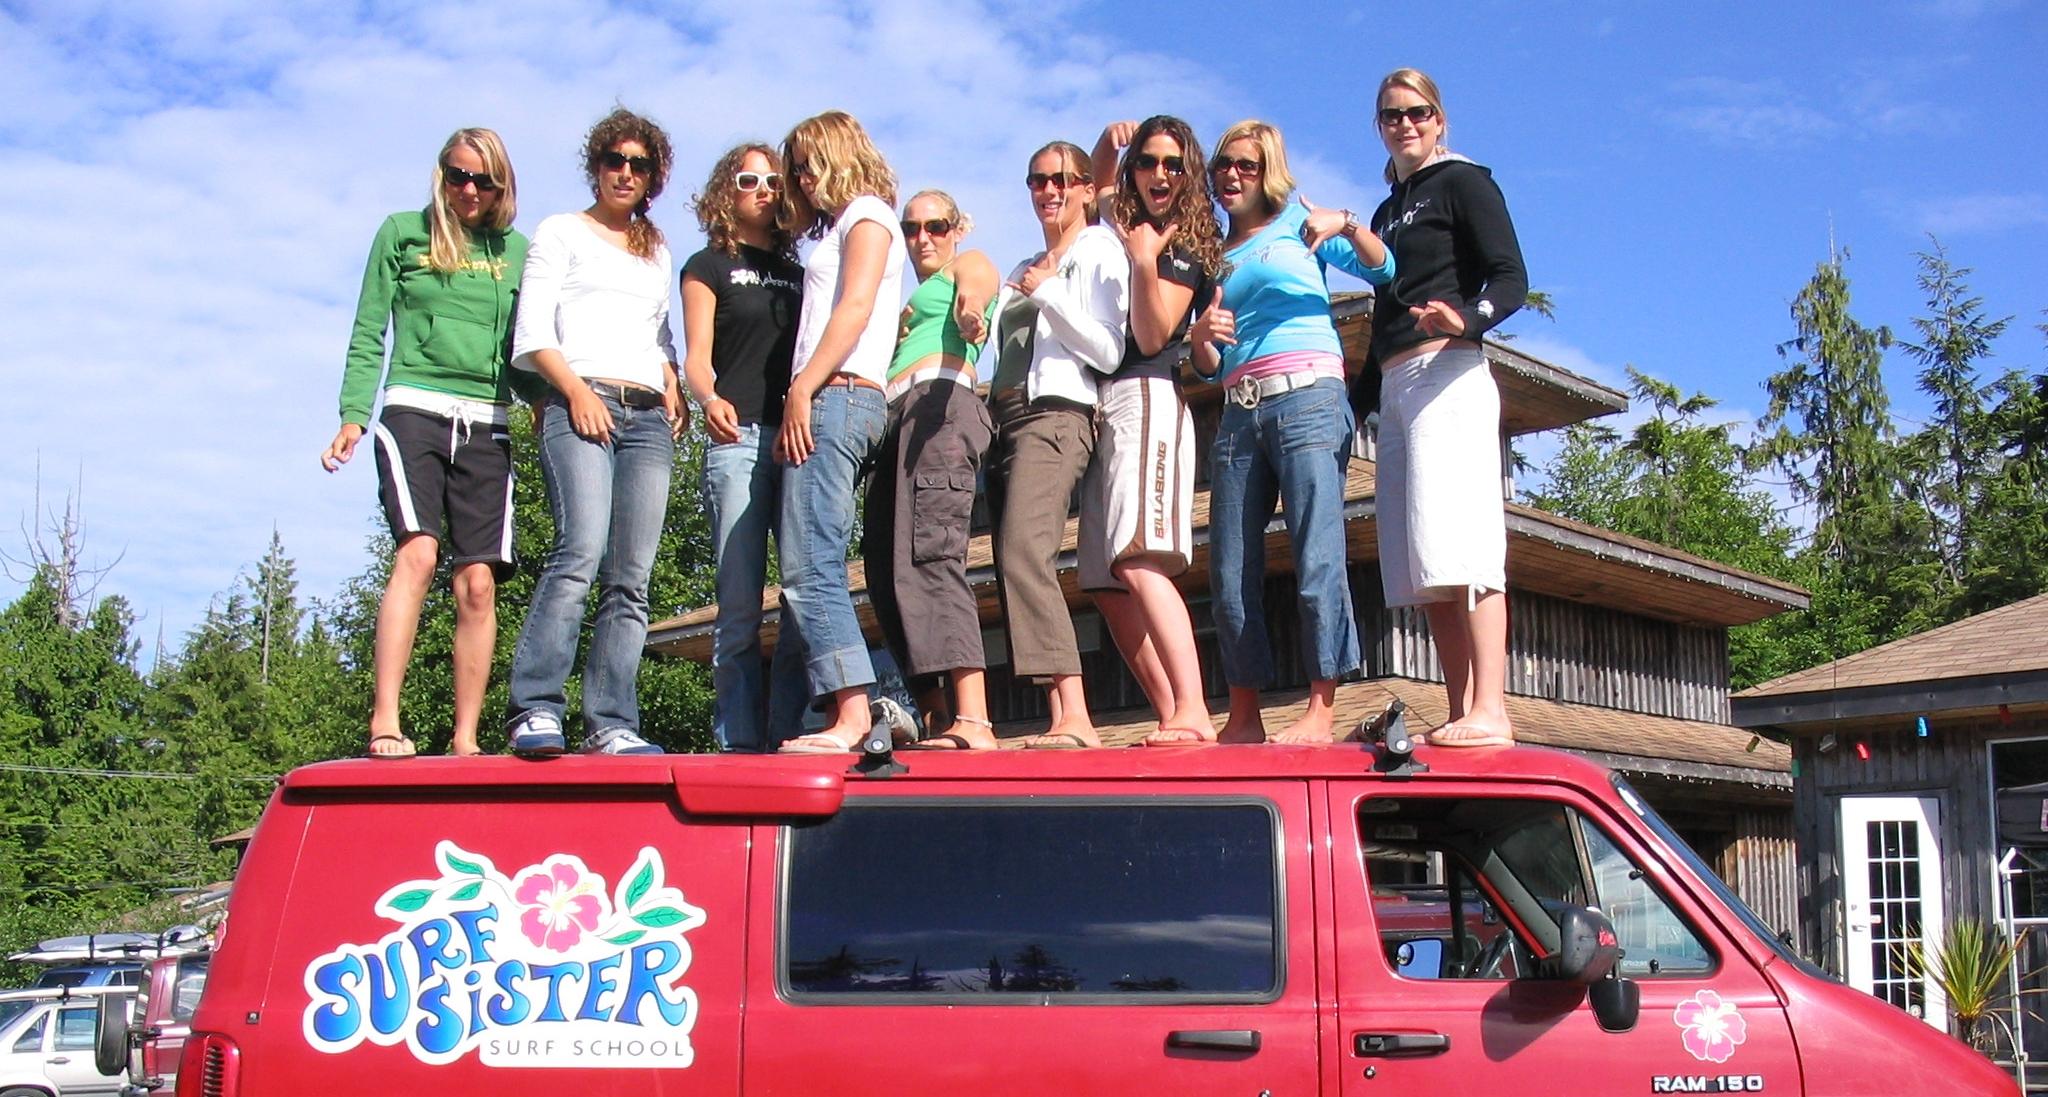 2 staff photos 2005, boogie board comp, innchanter 018.jpg